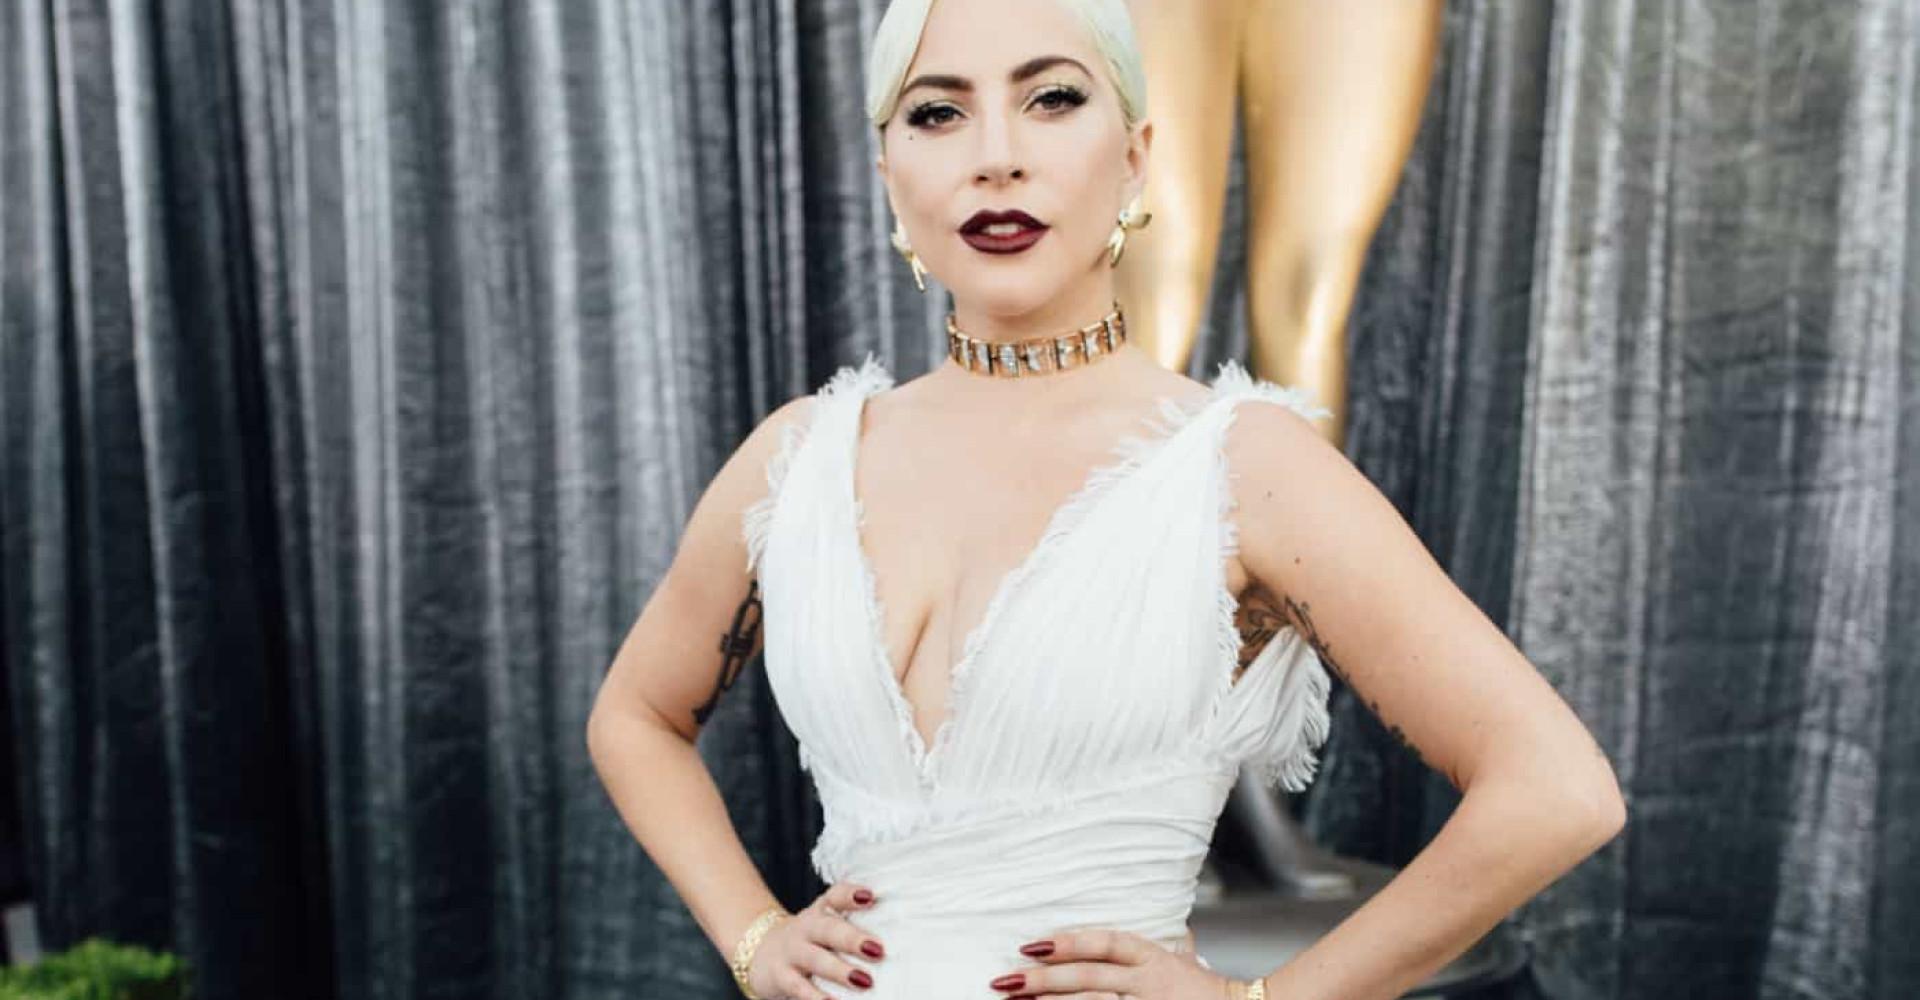 Derfor er Lady Gaga mere indflydelsesrig end nogensinde før